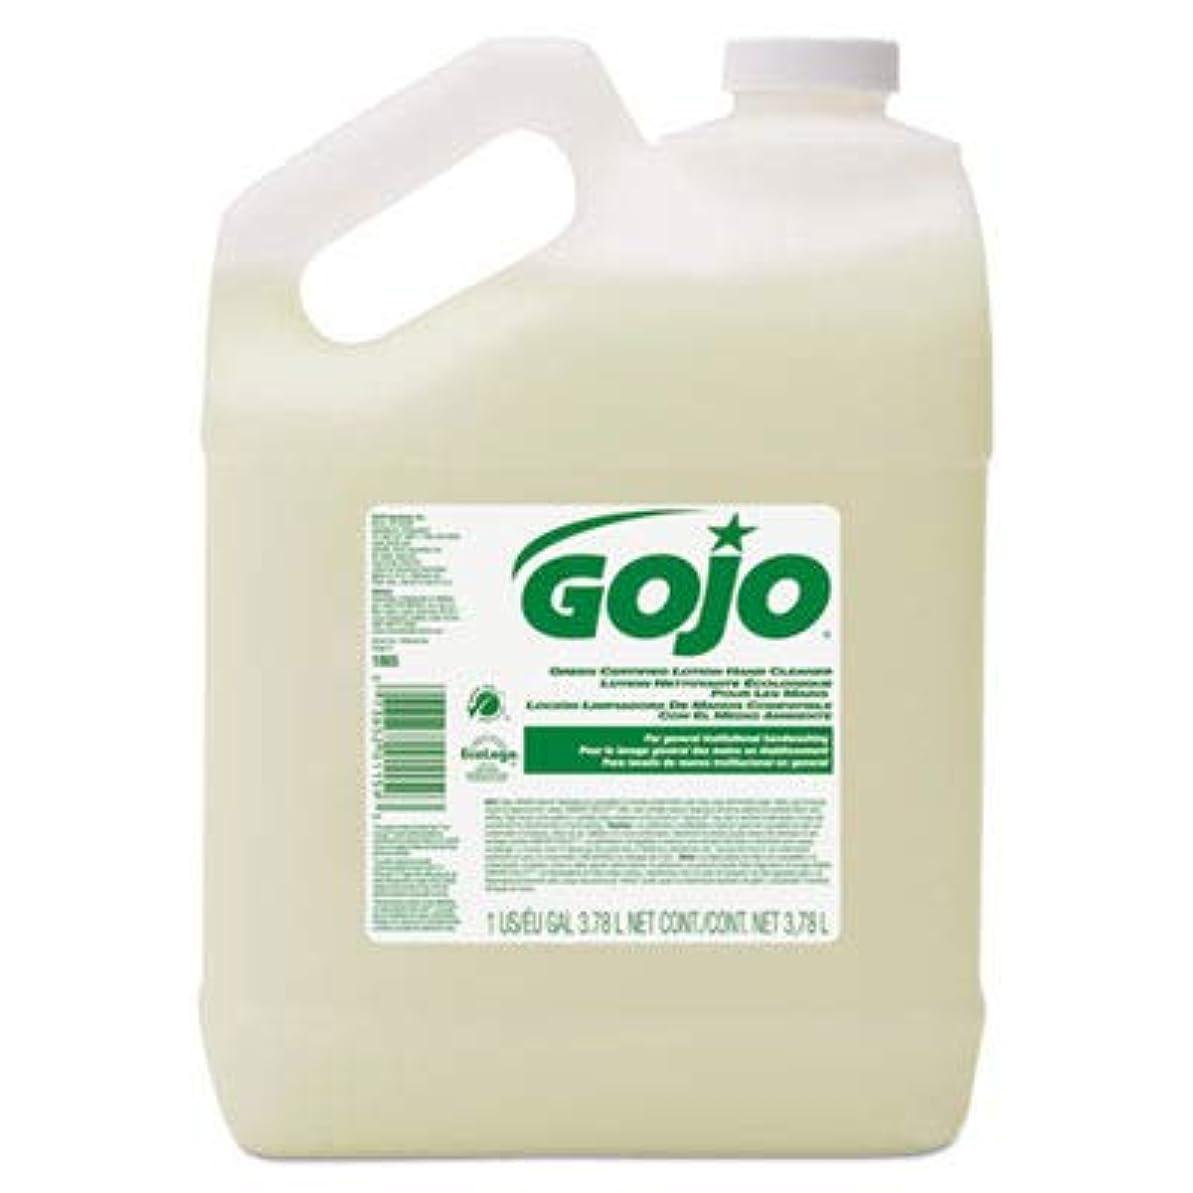 ドールタンパク質アイロニーgoj186504 – グリーン認定ローションハンドクリーナー、1ガロンボトル、花柄香り